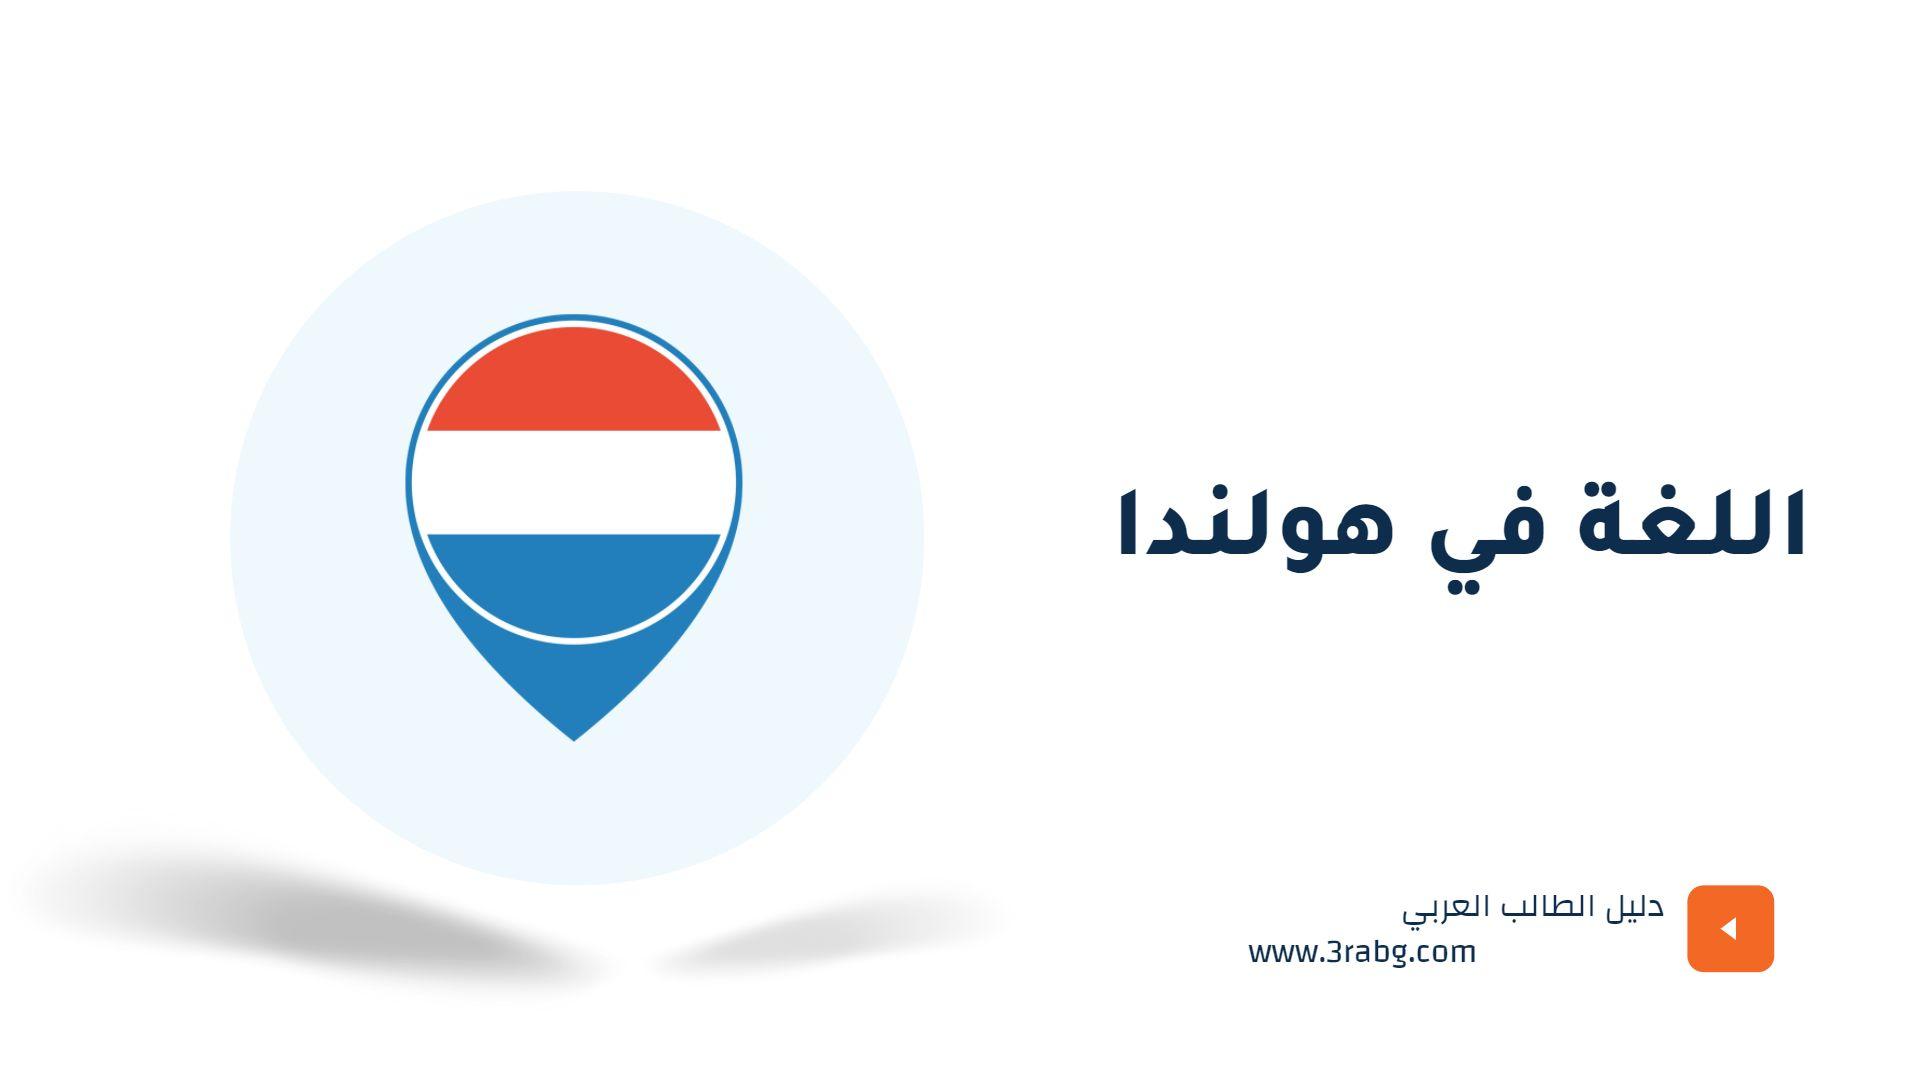 ماهي اللغة الهولندية المنطوقة في هولندا وماهي اللغات الرسمية في الحكومة